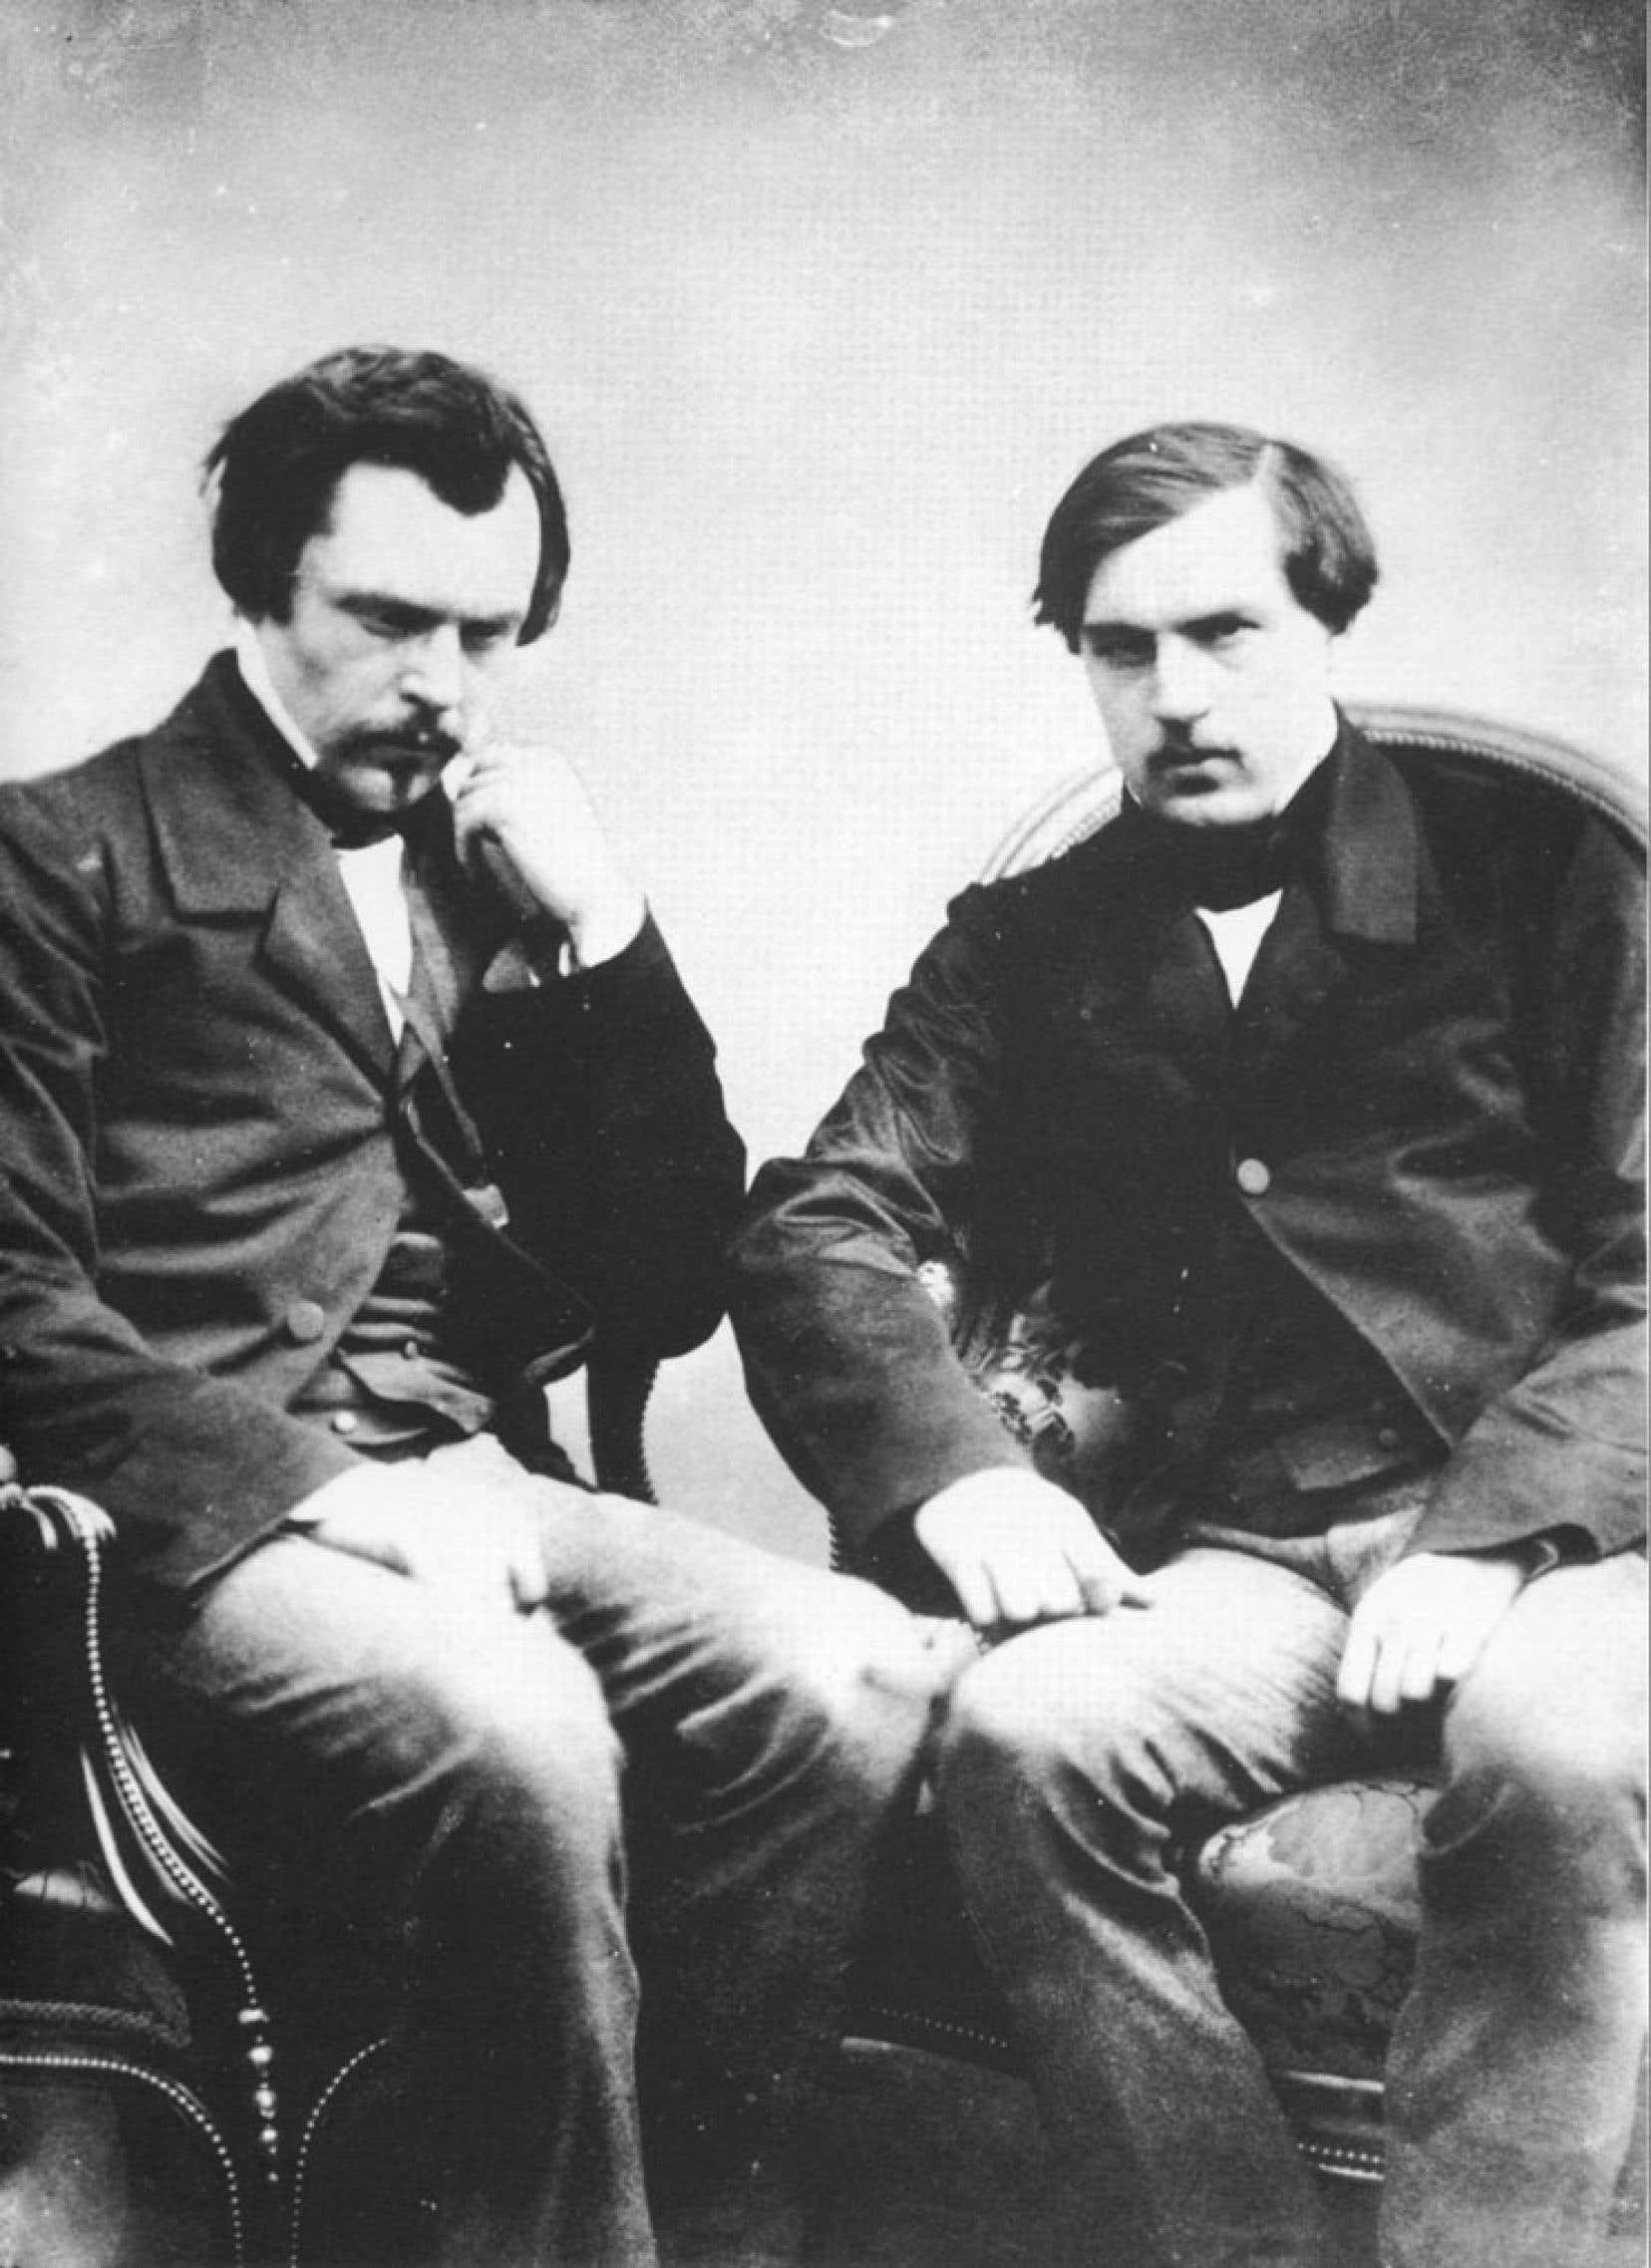 Les frères Edmond et Jules de Goncourt avaient la dent dure, comme les gens de lettres de tout temps.